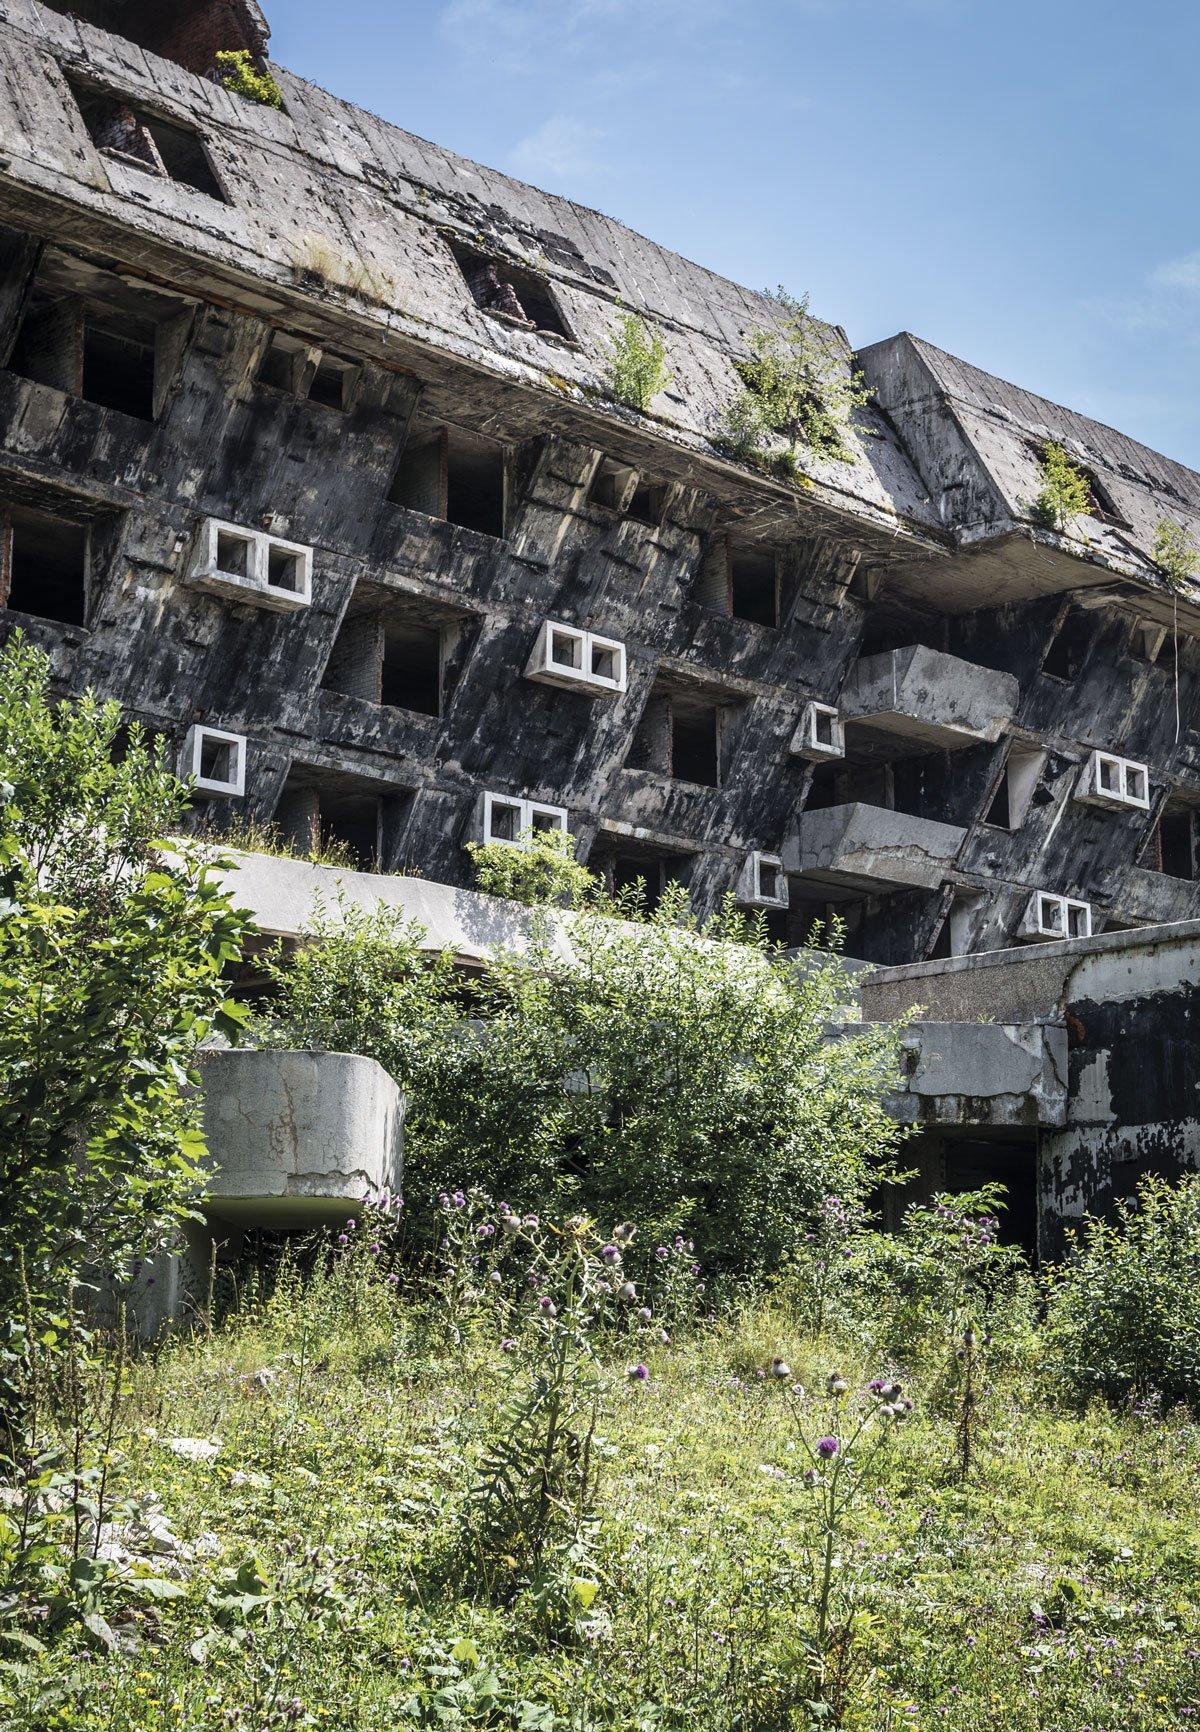 estructuras olímpicas abandonadas